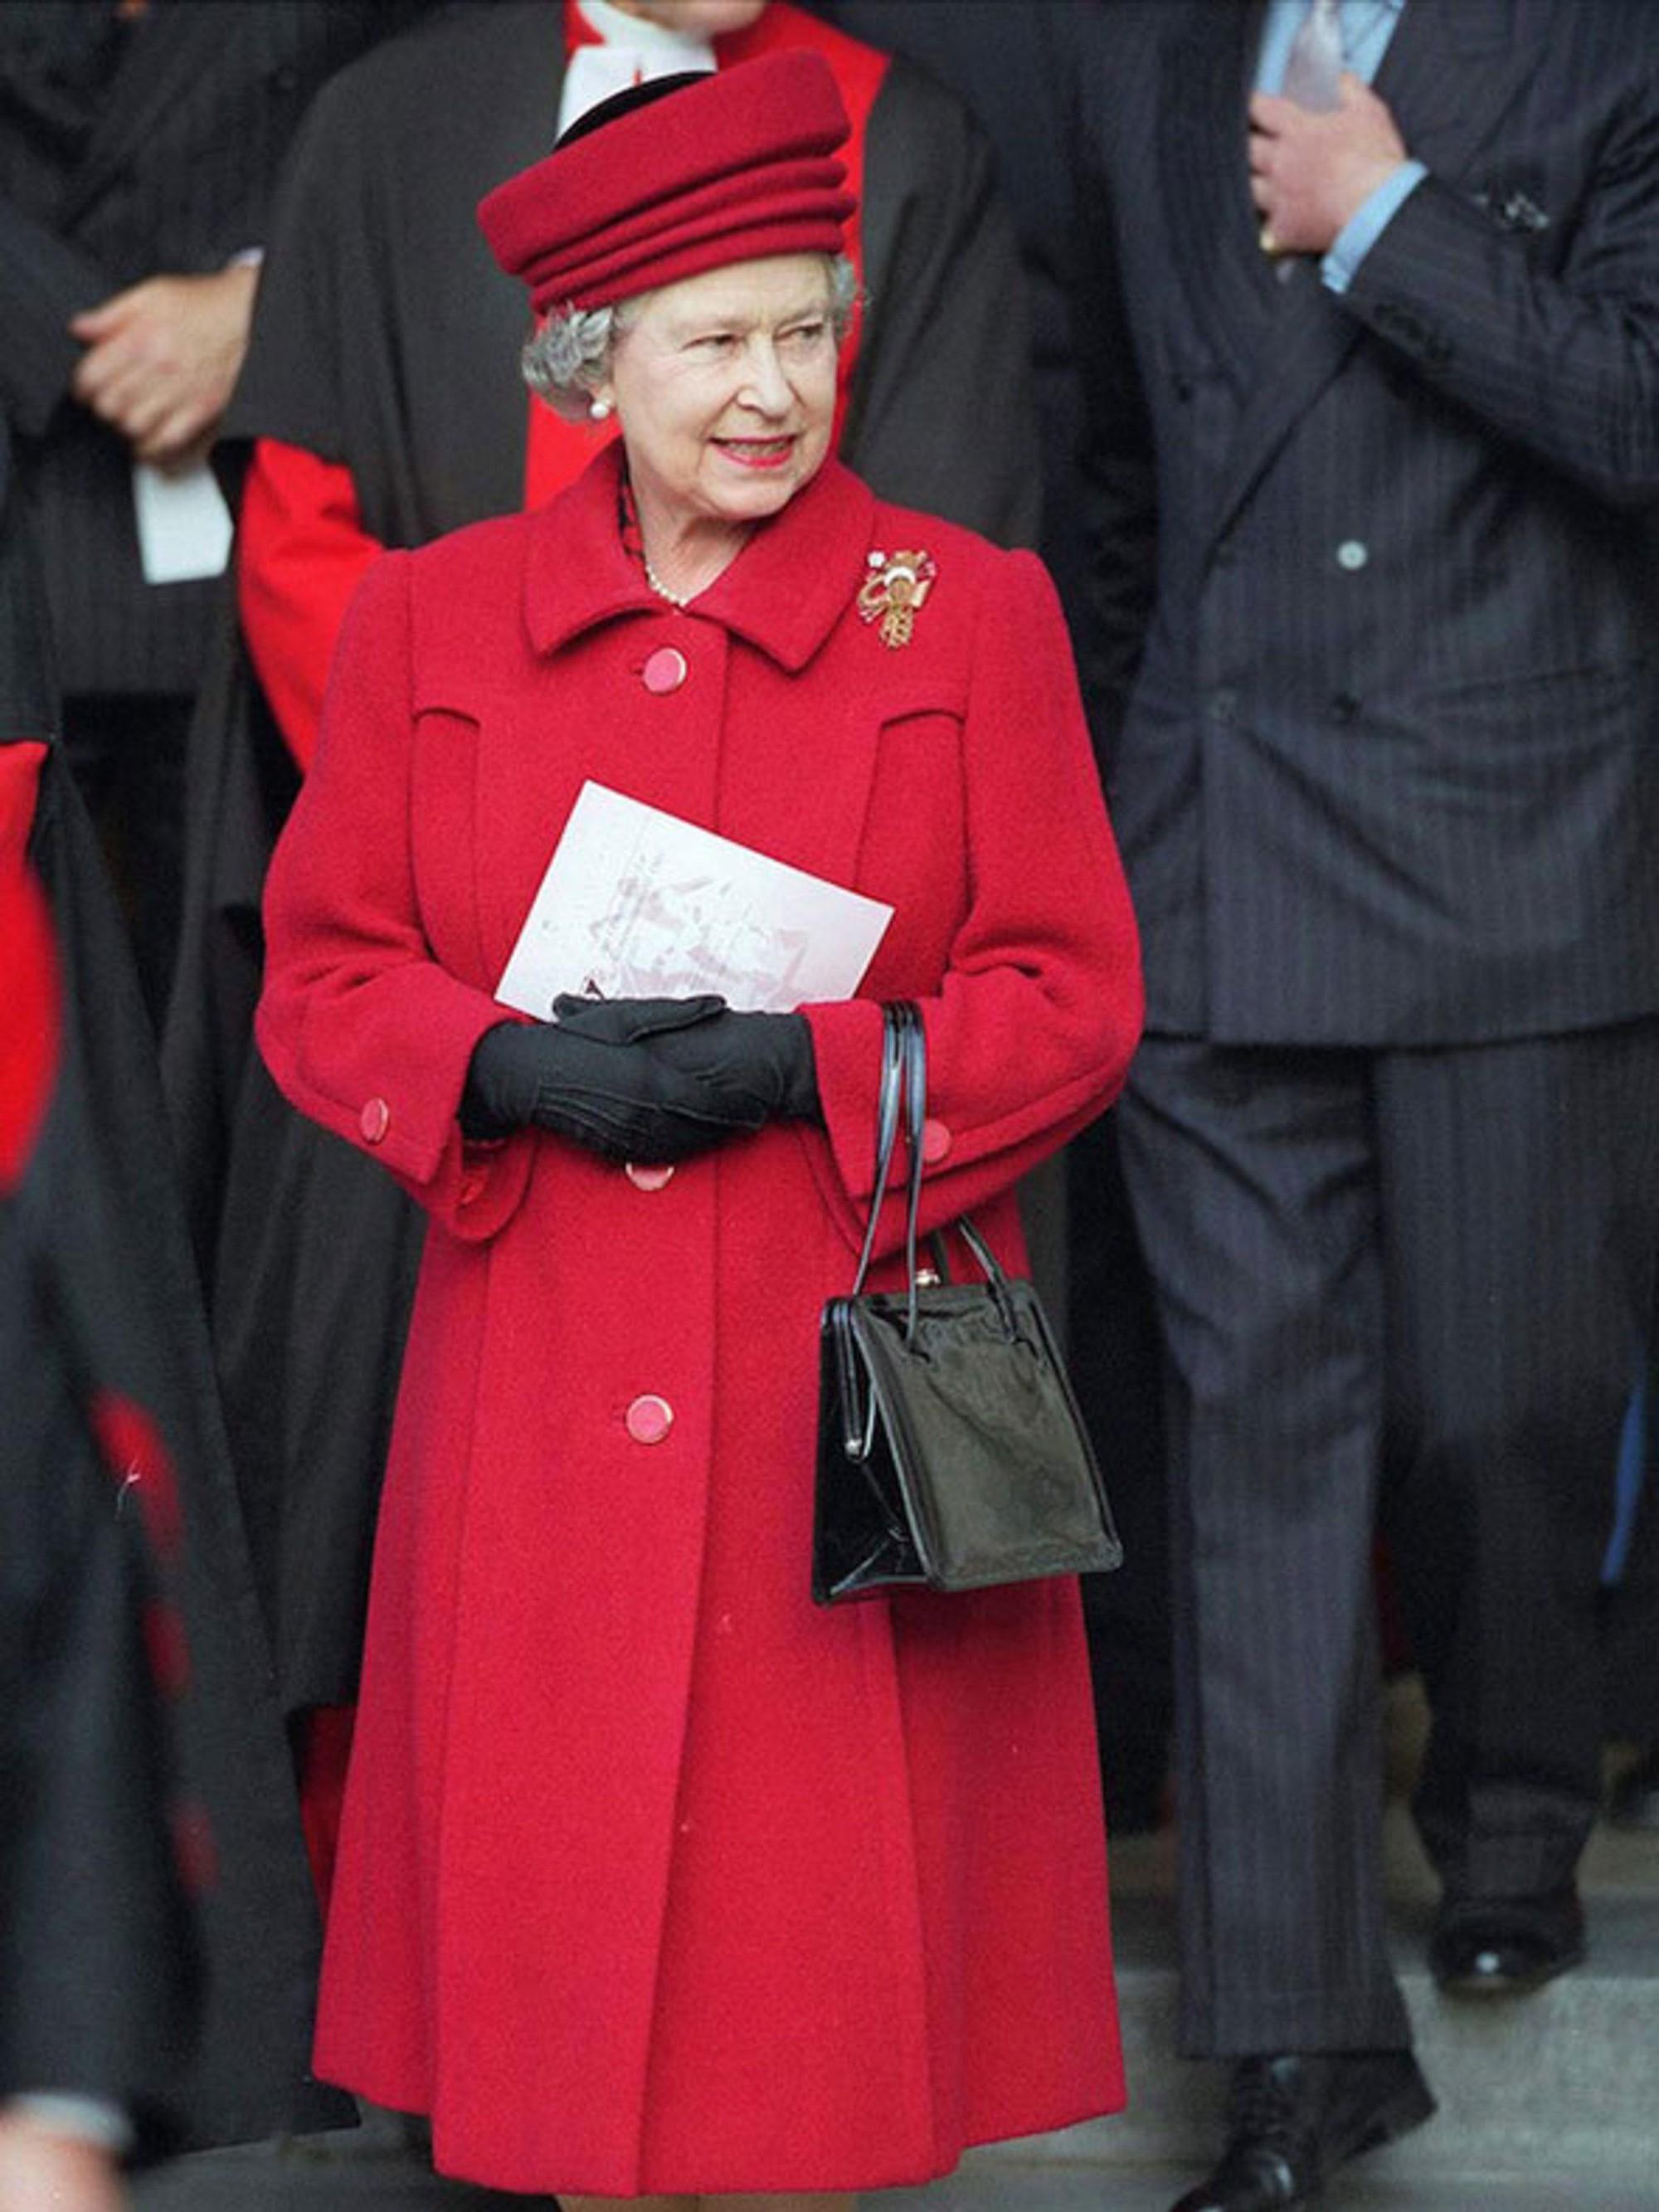 Ngoài gu diện đồ sặc sỡ, Nữ hoàng Anh còn có 5 bí mật làm nên phong cách thời trang không thể trộn lẫn - Ảnh 9.